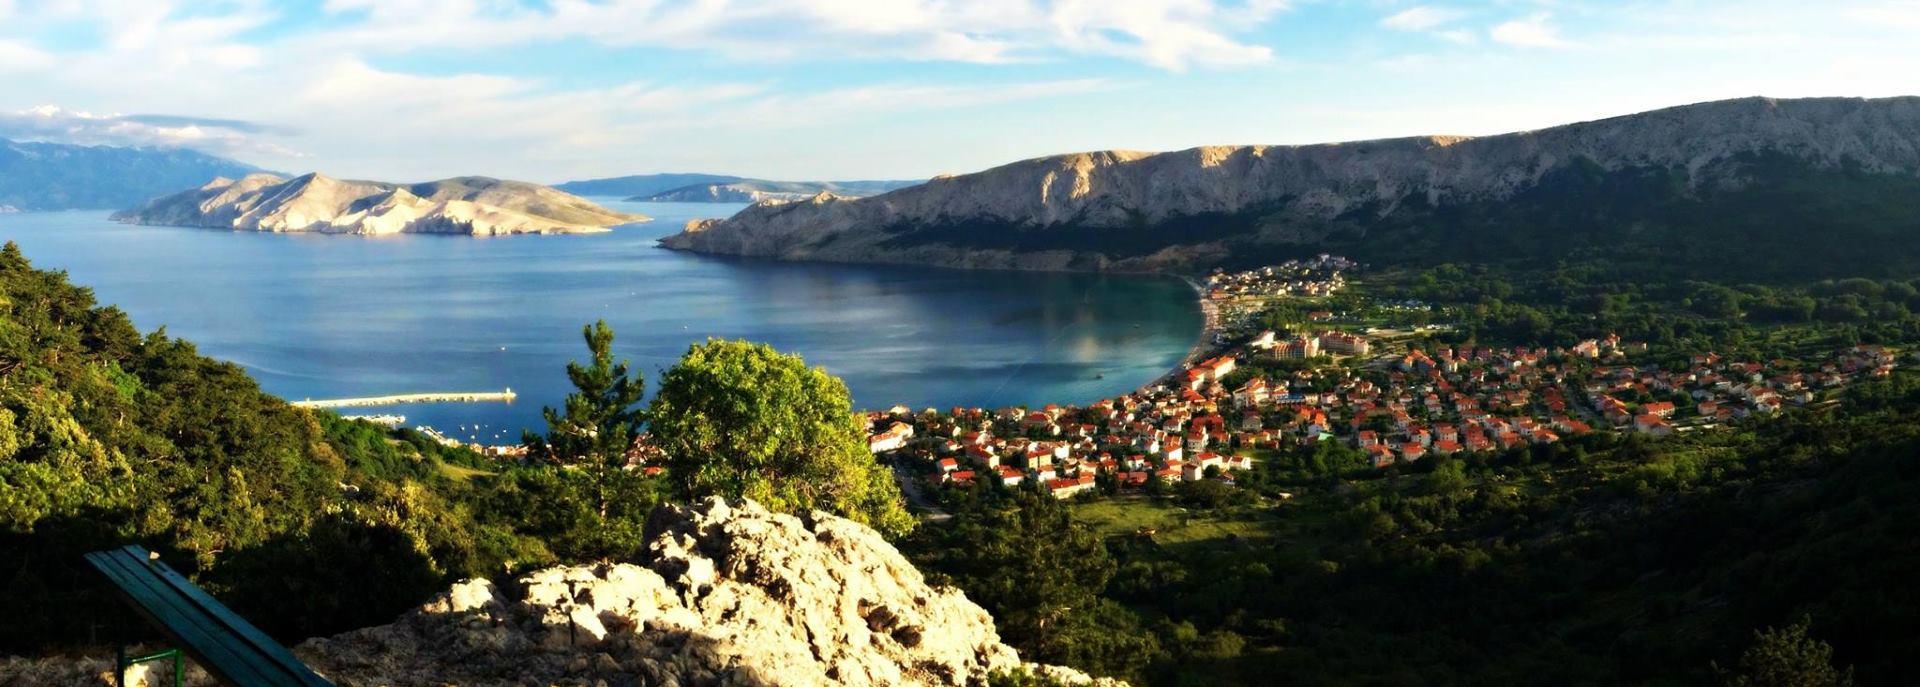 Turistička zajednica općine Baška donosi i Outdoor brošuru